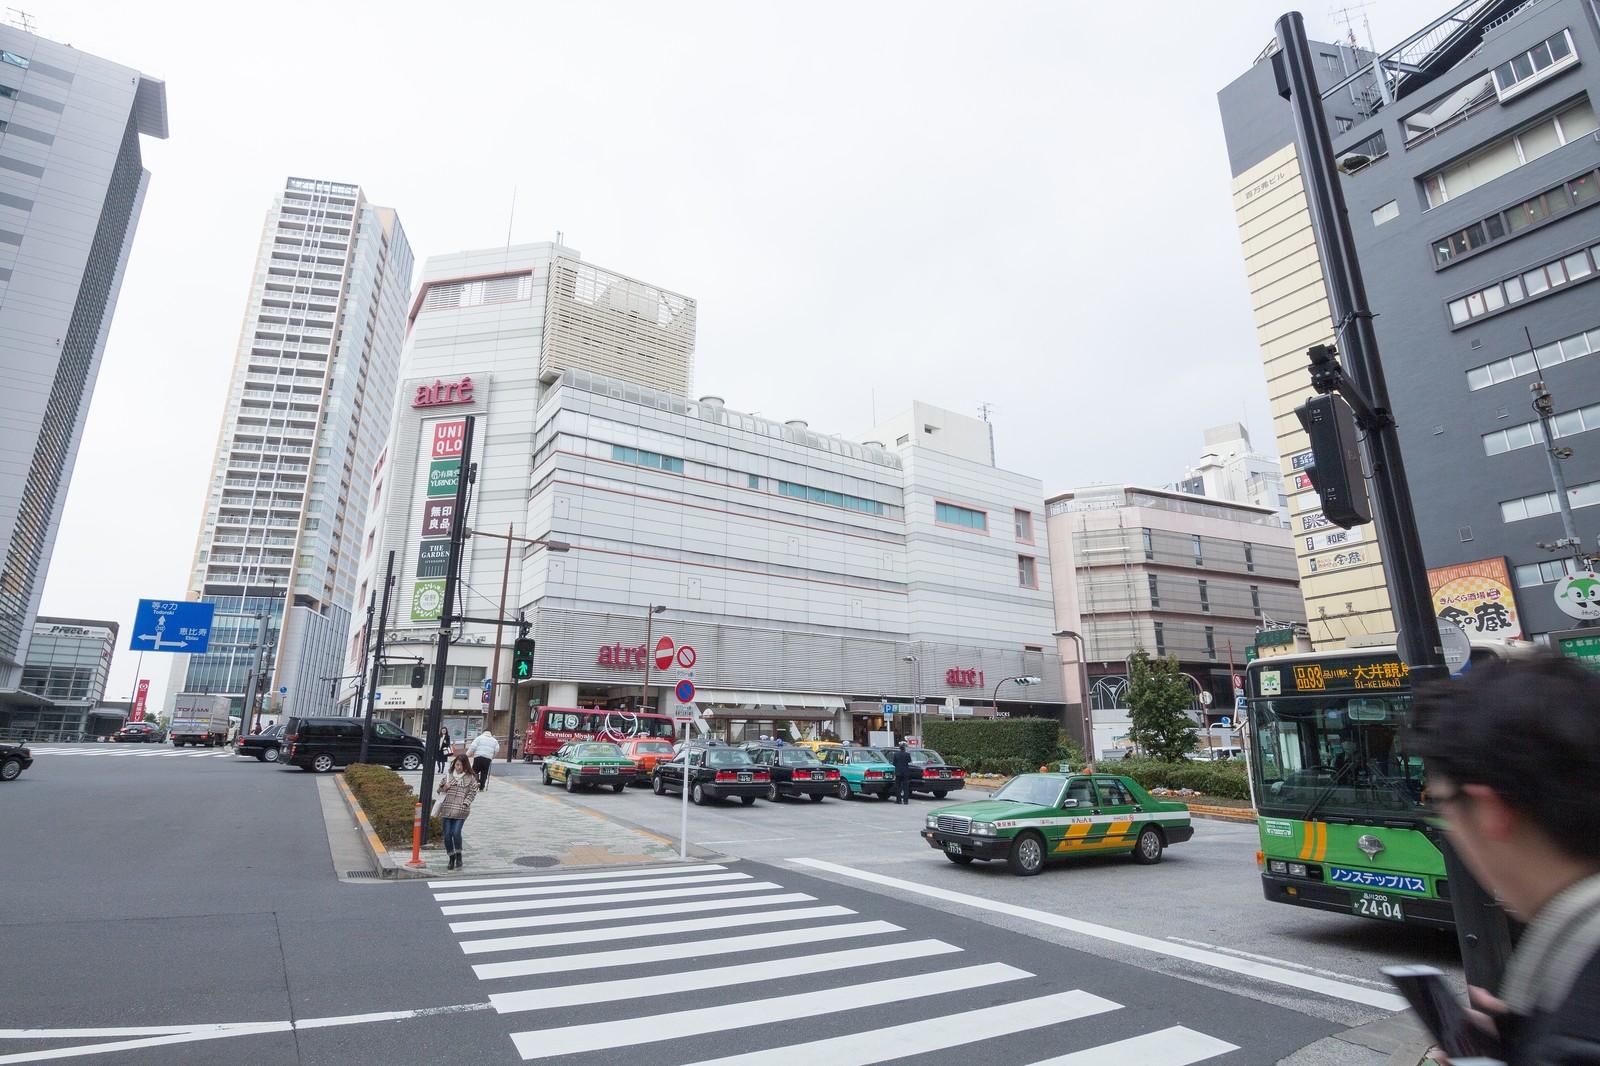 目黒駅 駅前